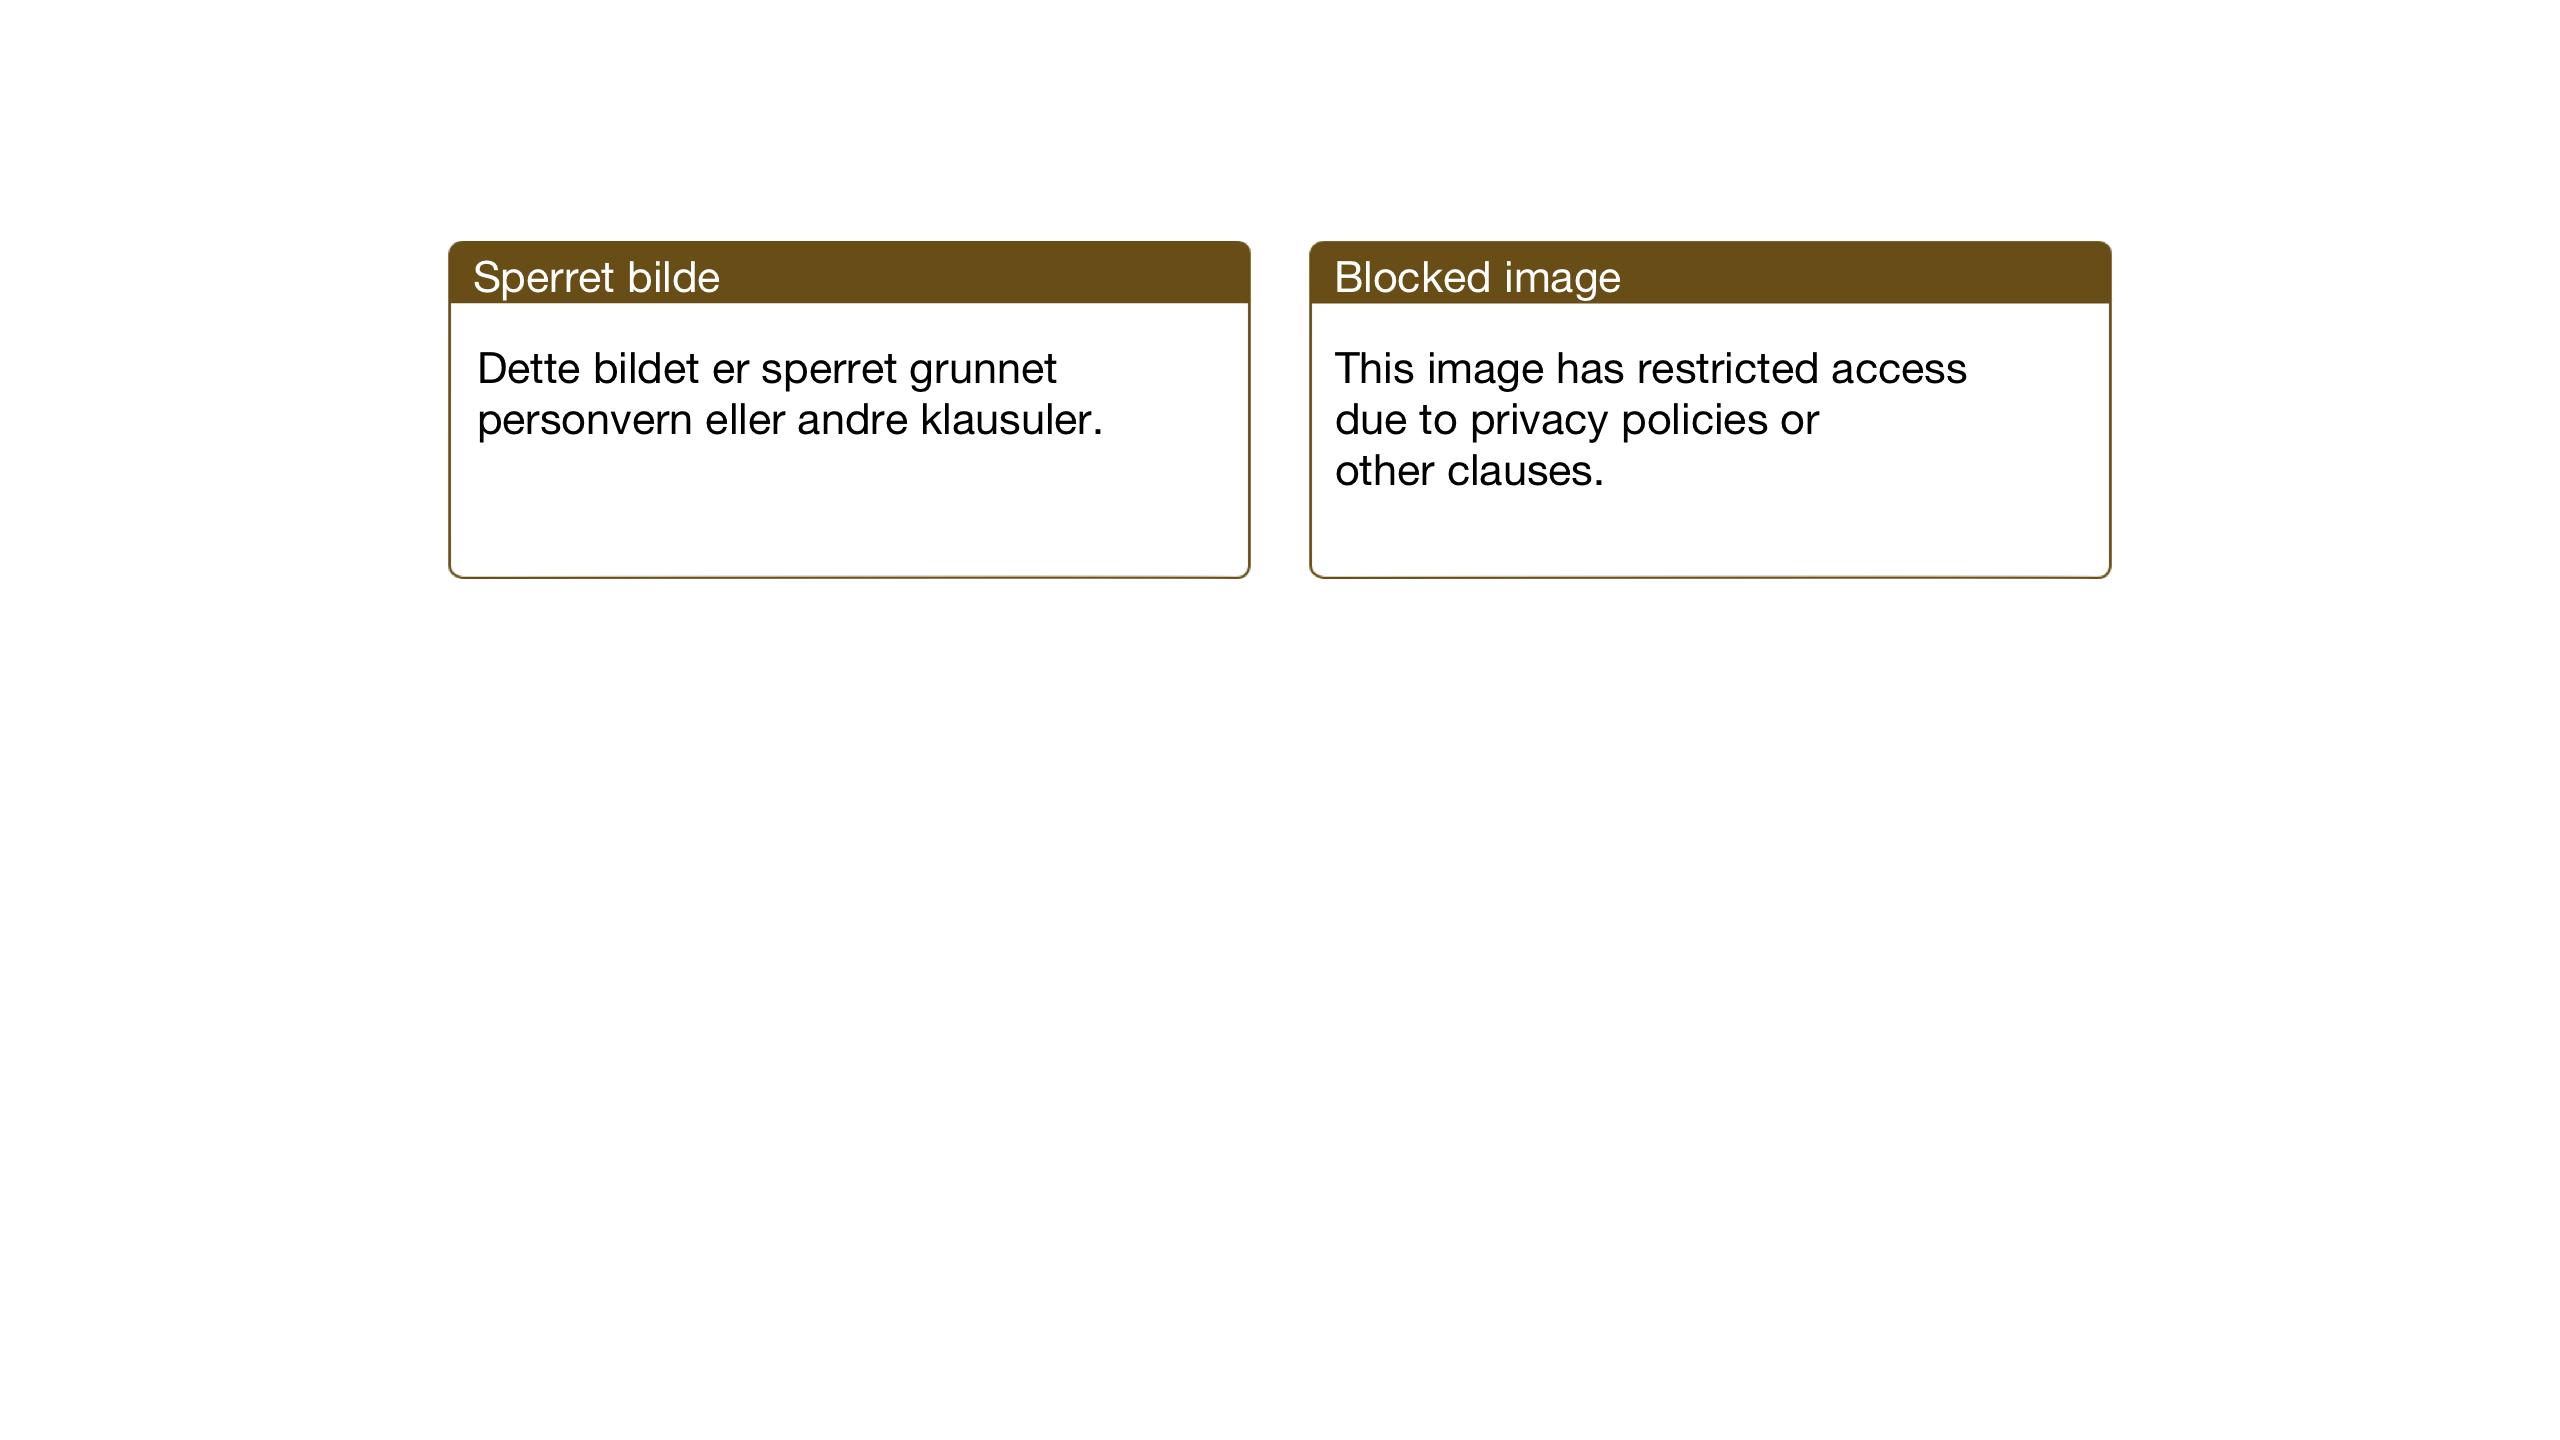 SAT, Ministerialprotokoller, klokkerbøker og fødselsregistre - Sør-Trøndelag, 681/L0943: Klokkerbok nr. 681C07, 1926-1954, s. 174